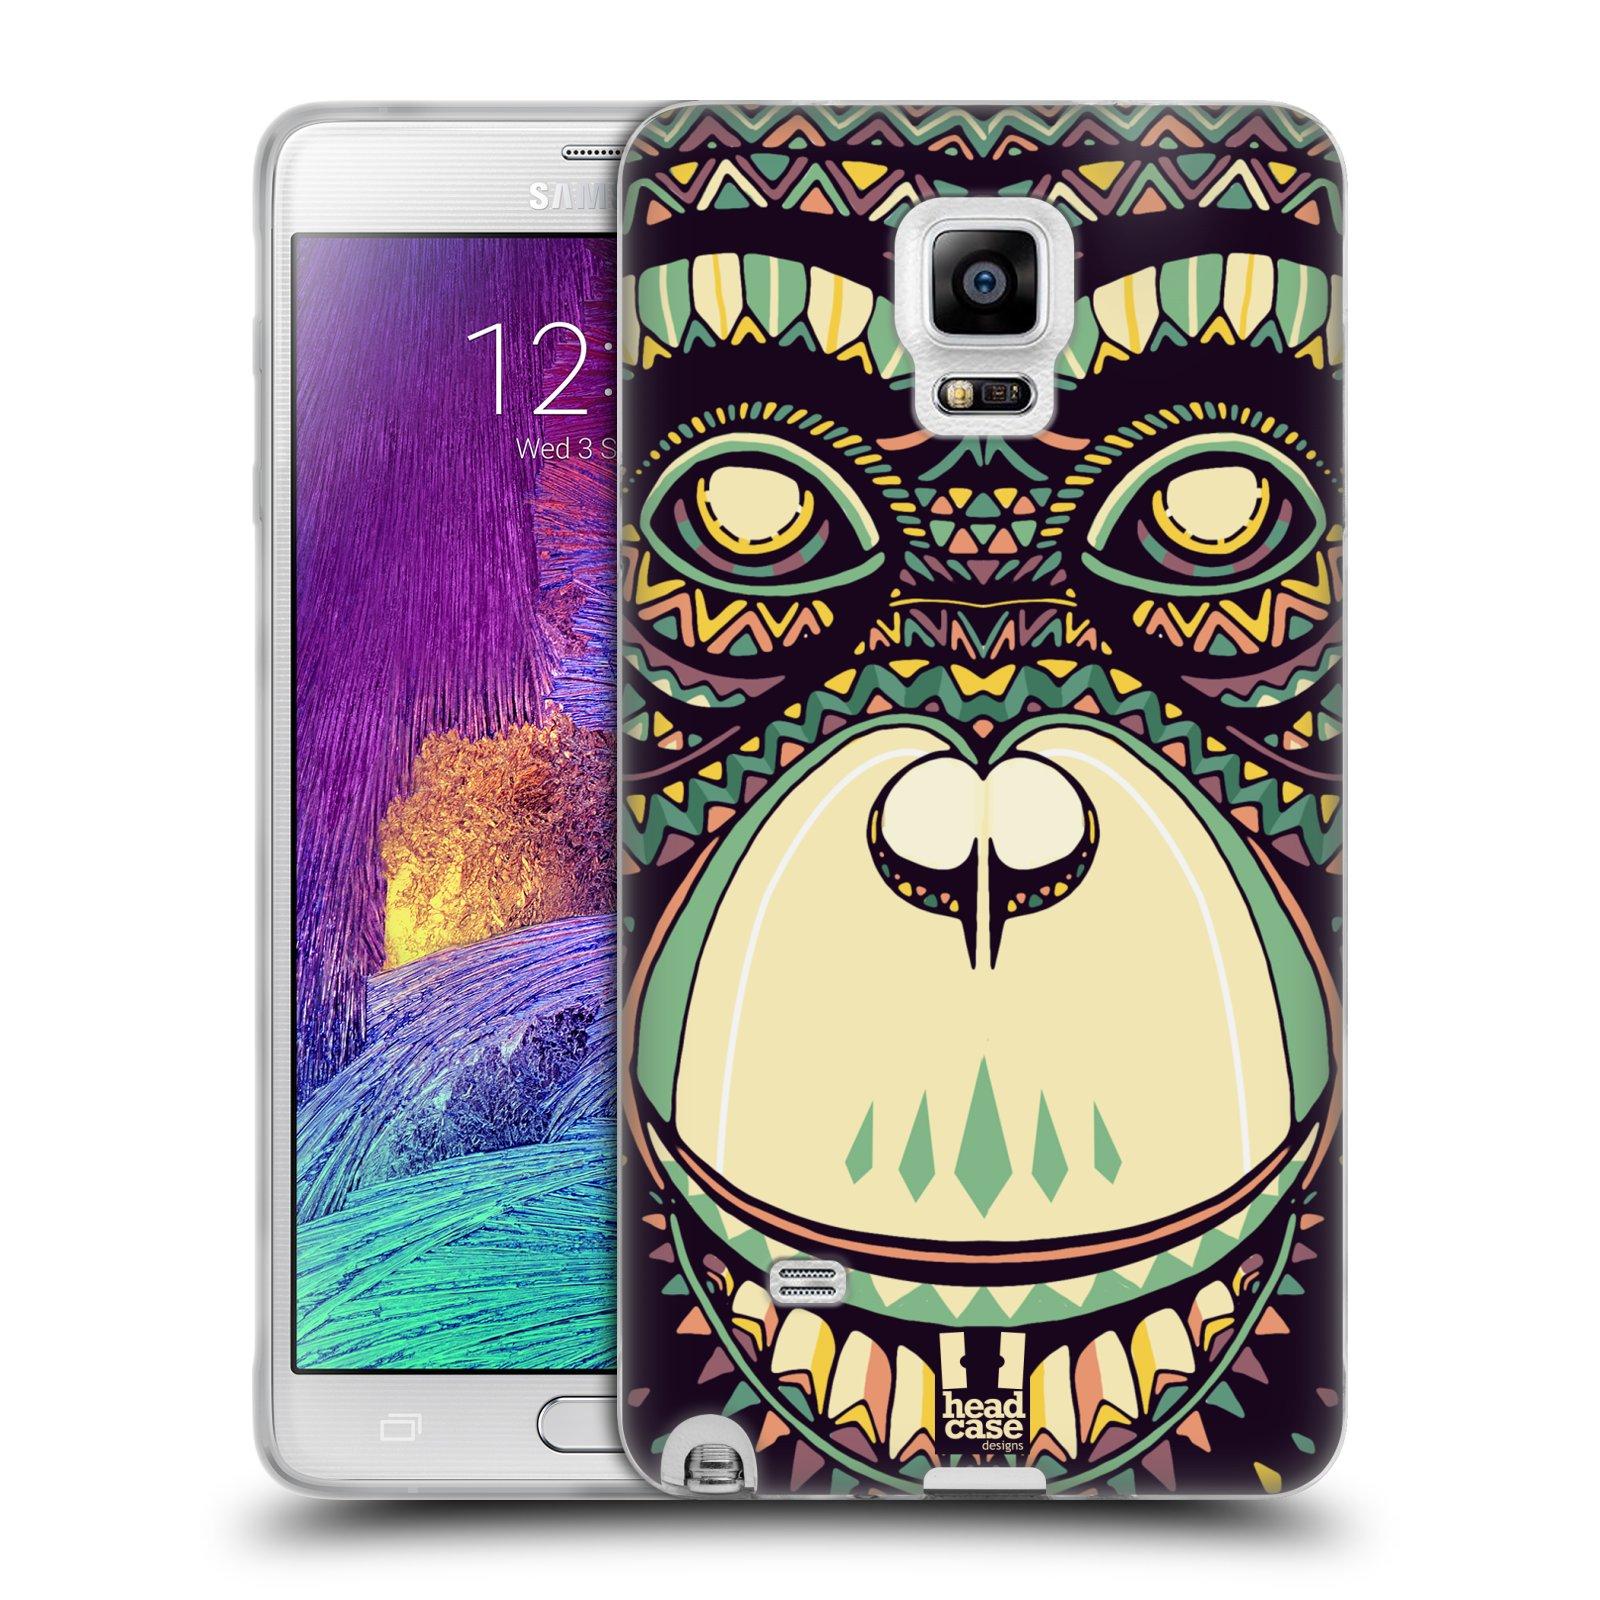 HEAD CASE silikonový obal na mobil Samsung Galaxy Note 4 (N910) vzor Aztécký motiv zvíře 3 šimpanz